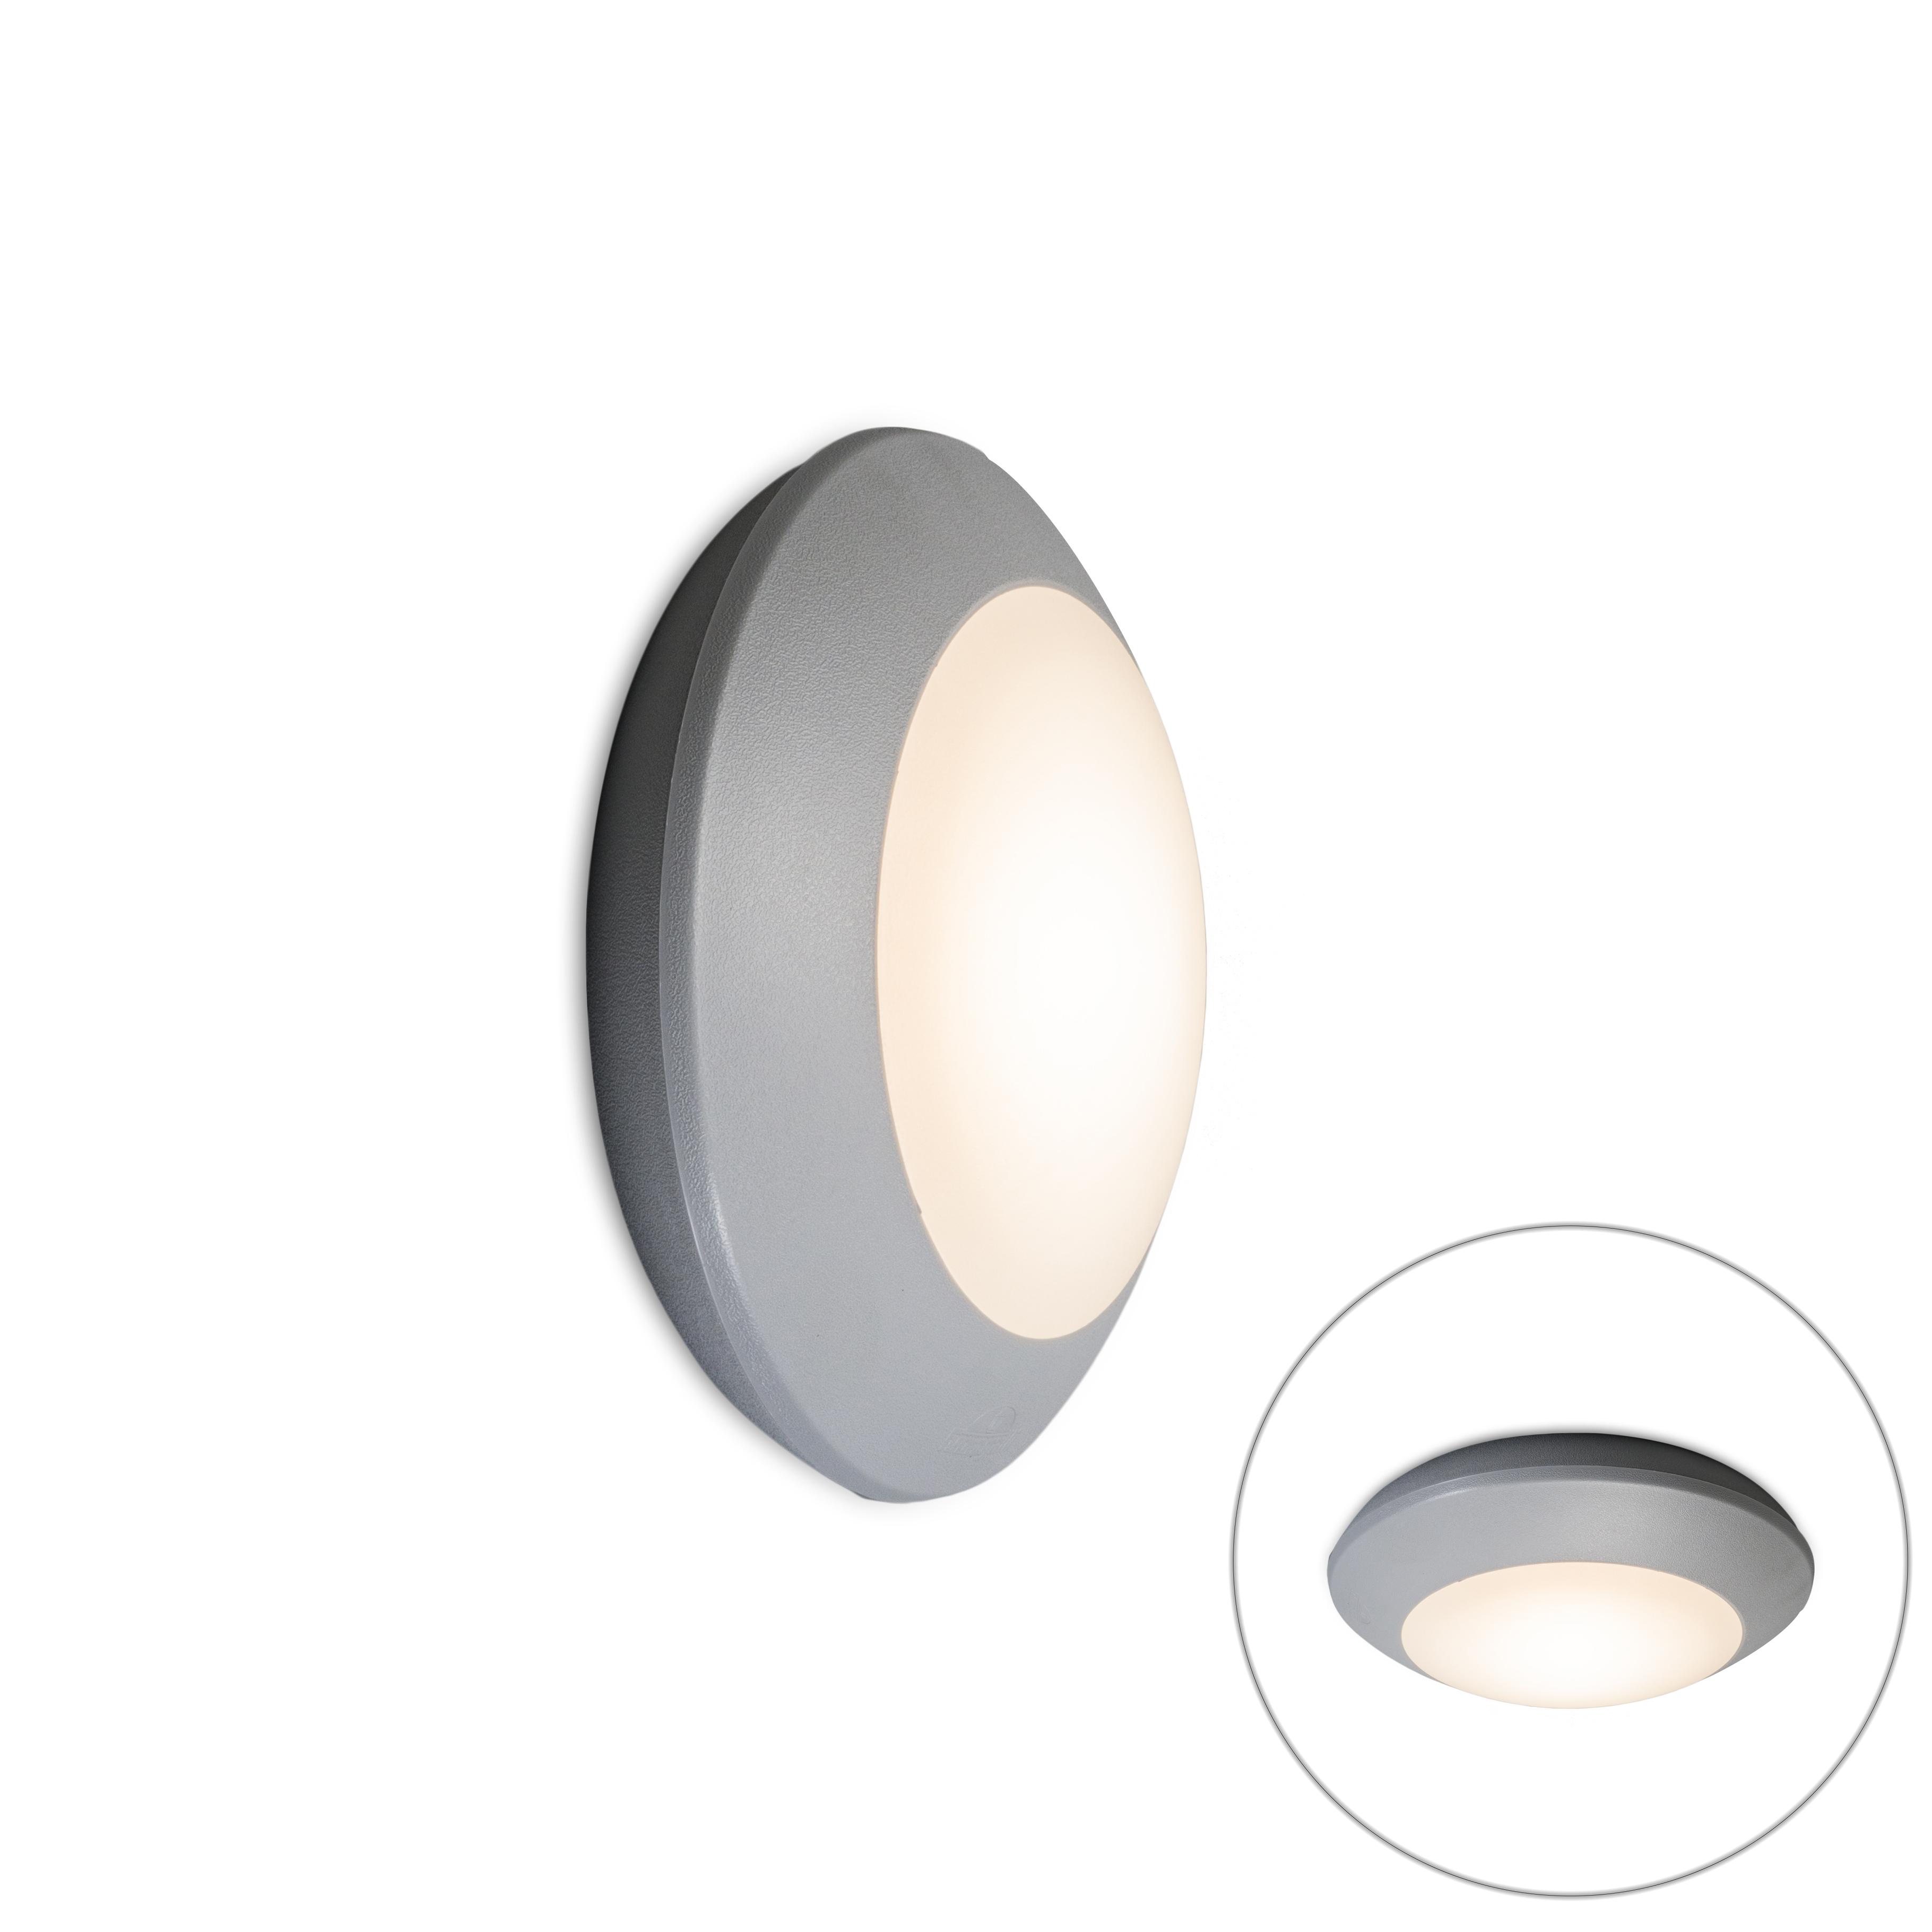 Moderne ronde buitenwand- en plafondlamp grijs met glas - Bertina